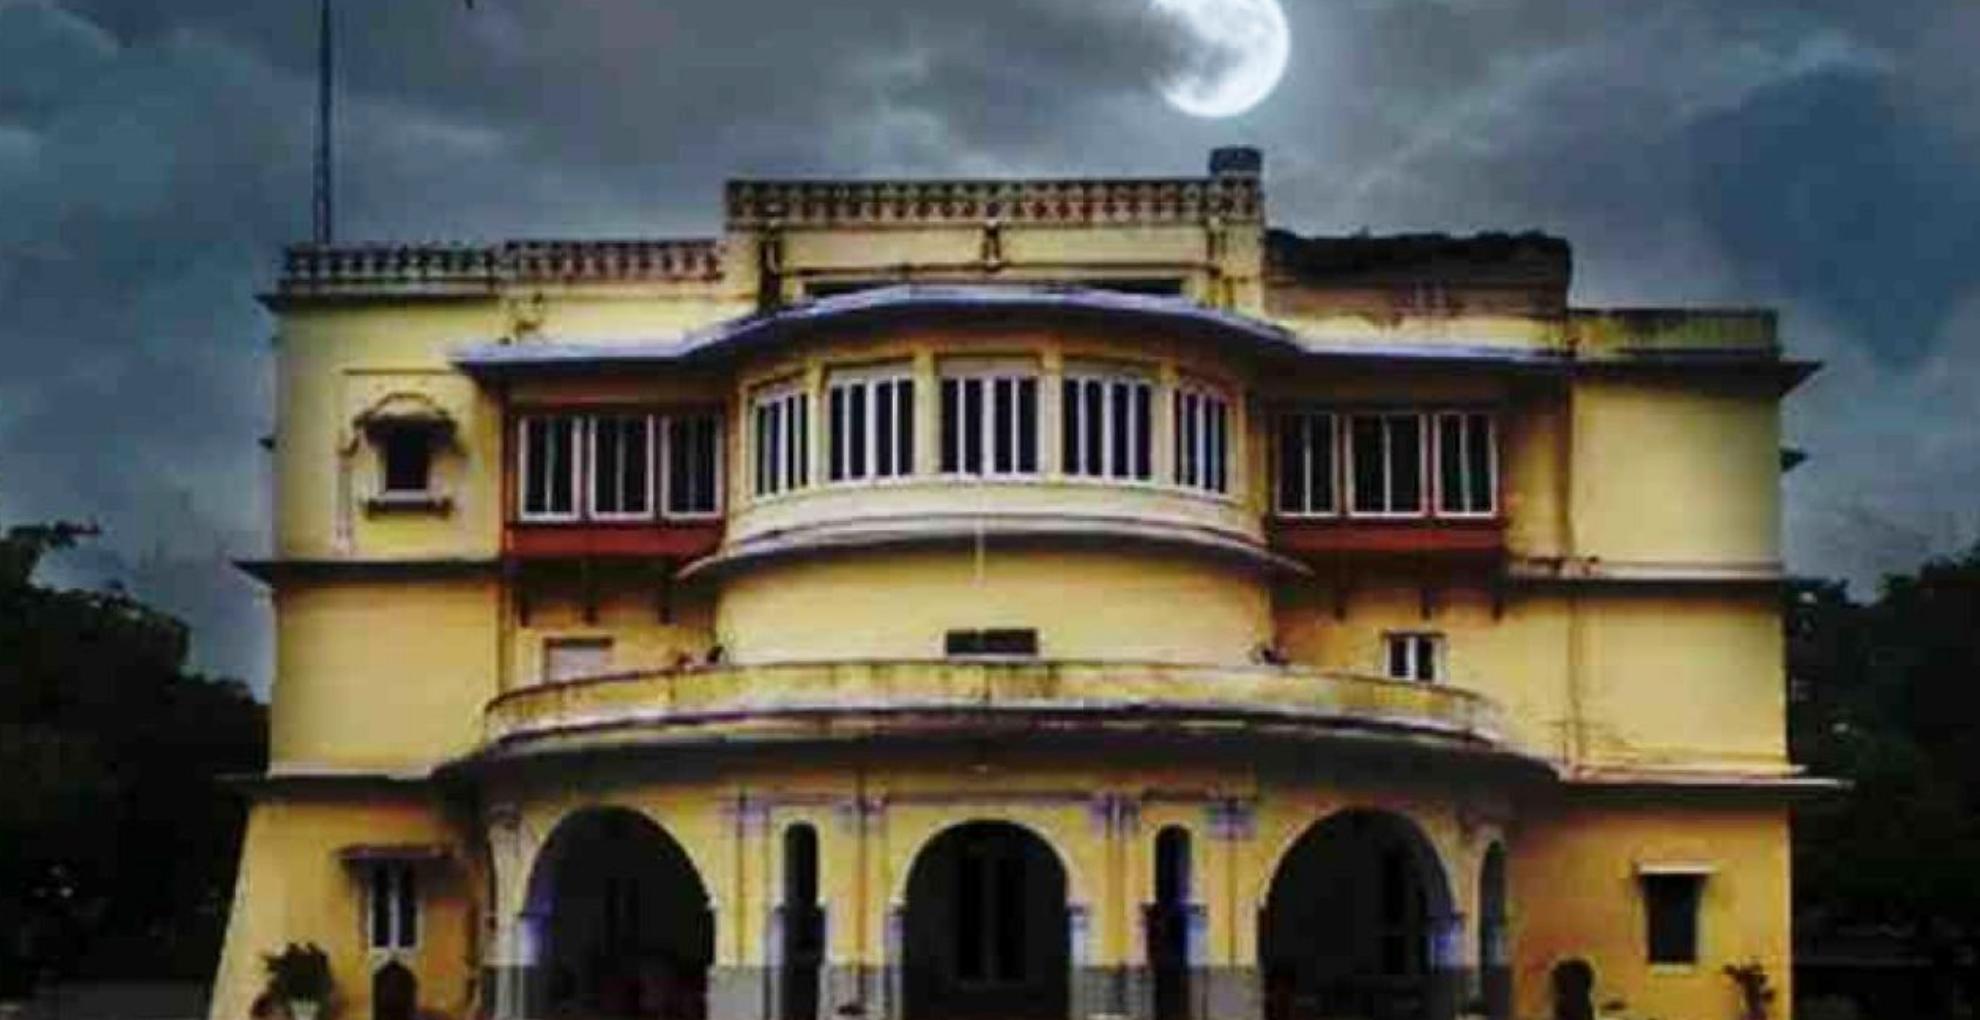 ये हैं इंडिया की सबसे डरावनी जगहें, जहां होता है भूतों का बसेरा, यहां जाने का सोचकर भी खड़े हो जाएंगे रोंगटे